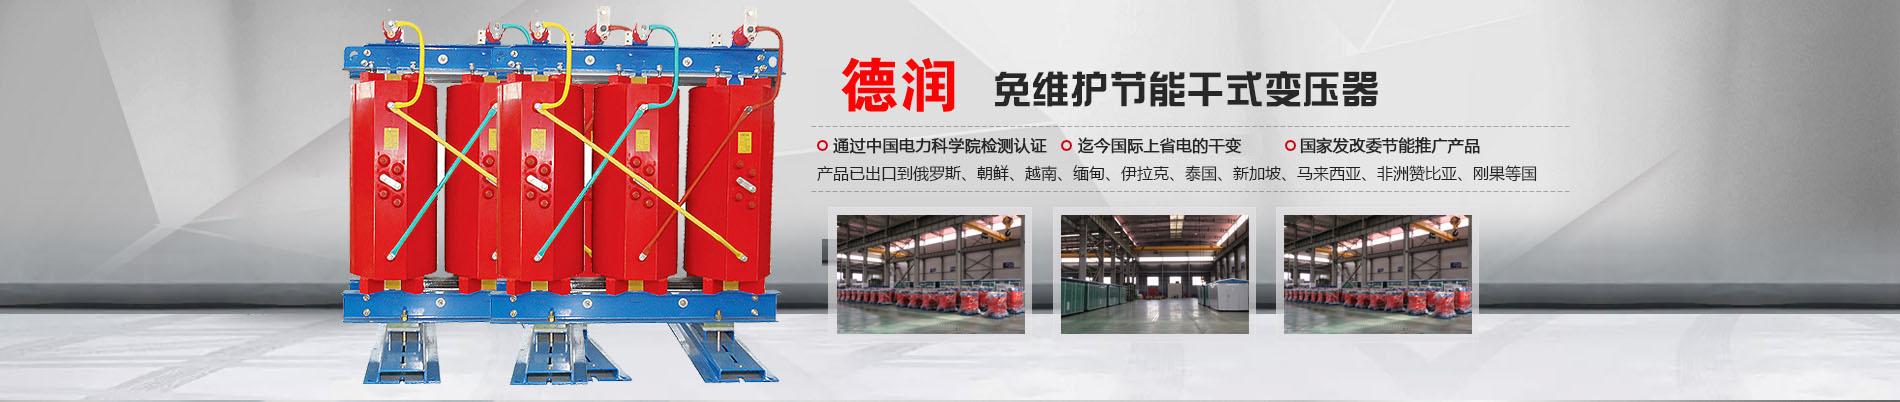 连云港干式变压器厂家